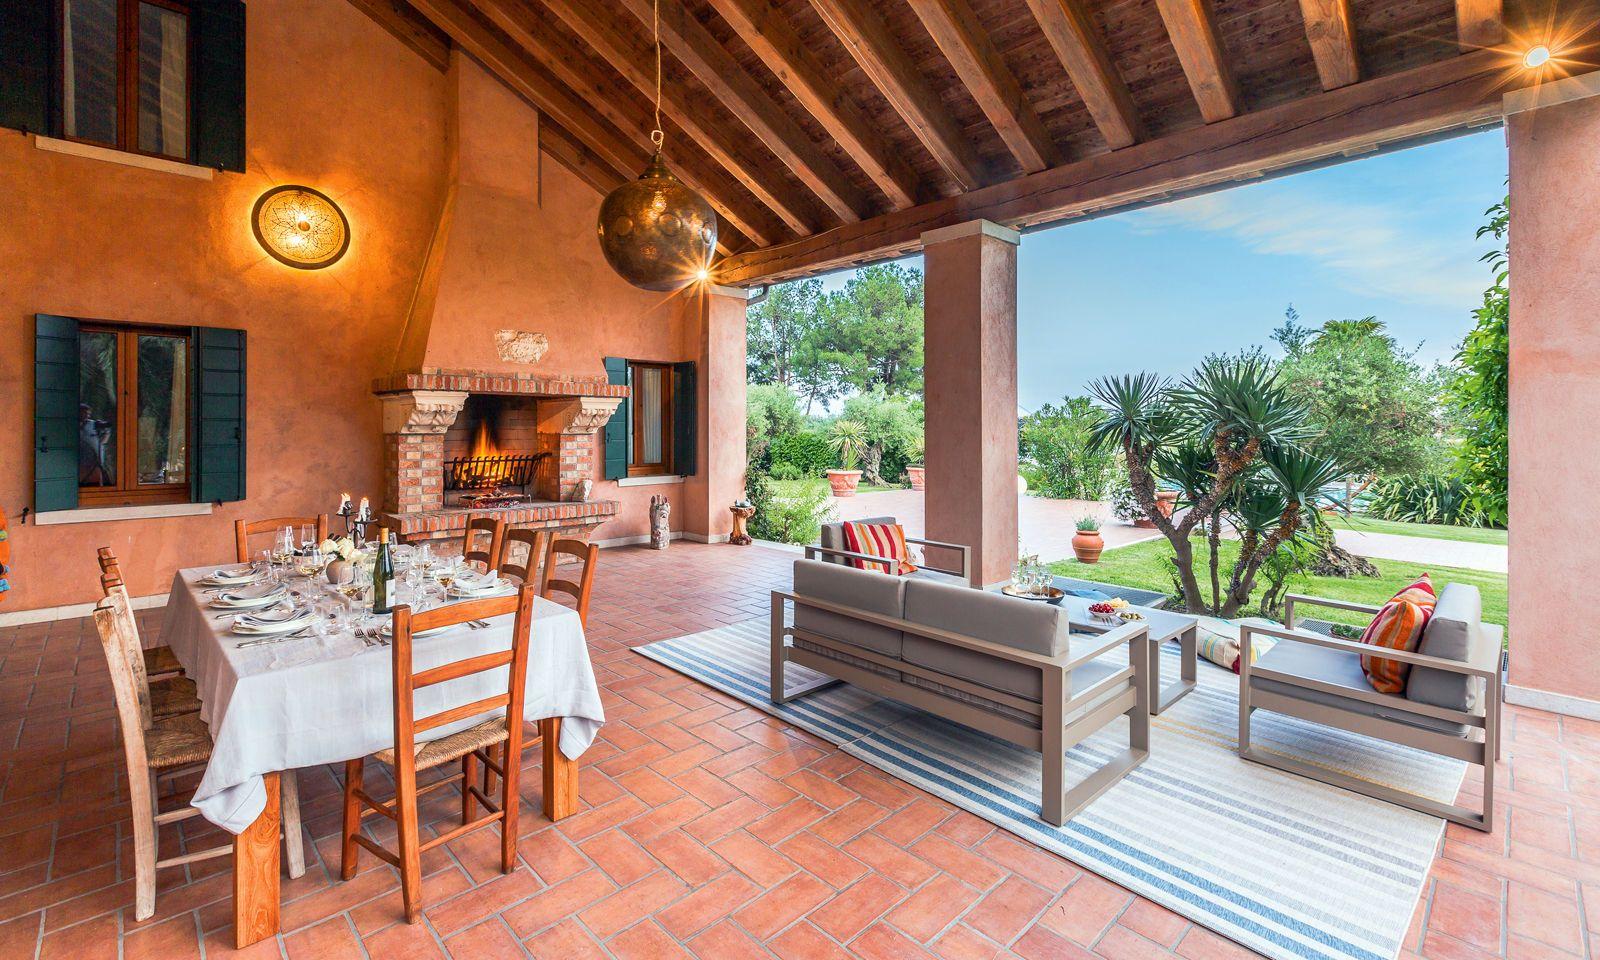 Konzept. Das Anwesen ist keine Luxusresidenz, sondern ein schön bewohnbares Haus.